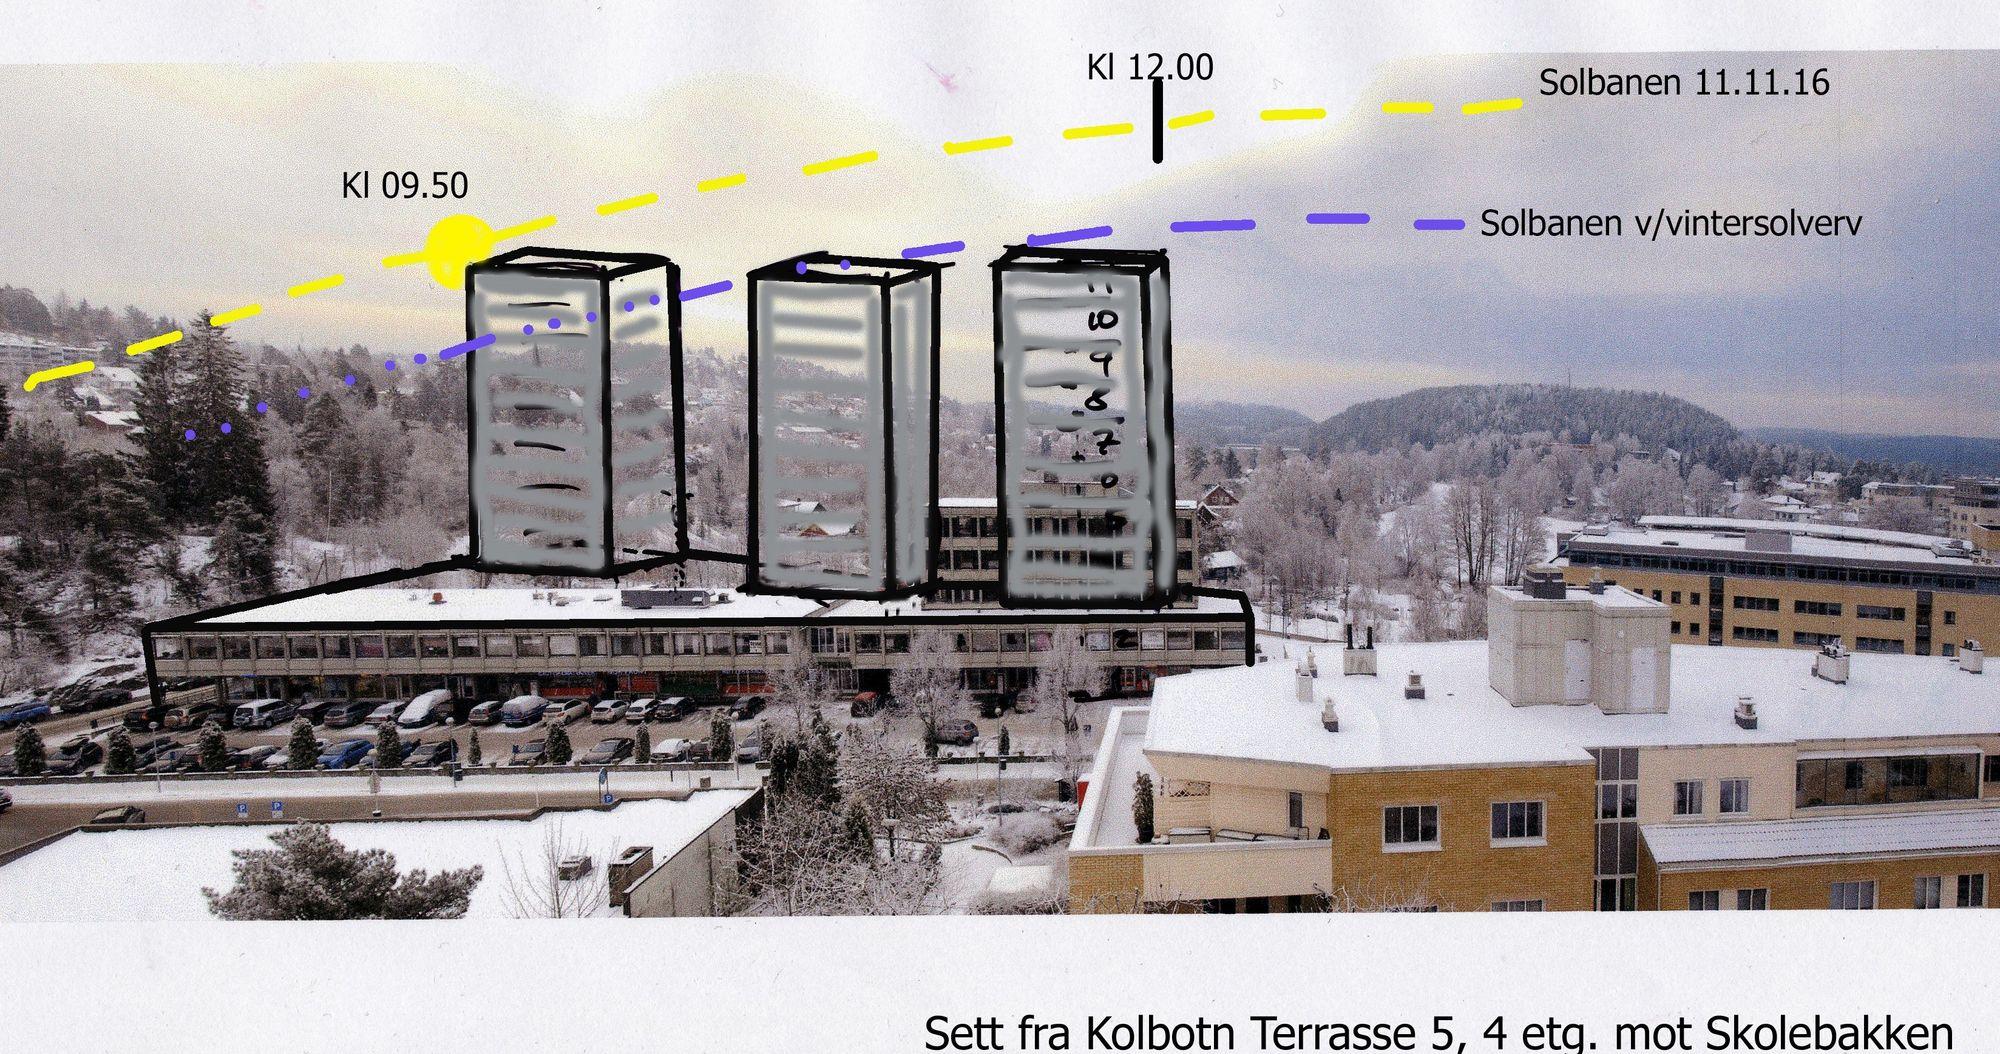 SLIK KAN DET BLI: Skissen anskueliggjør hvordan et signalbygg slik som foreslått i områdeplanen vil kunne fortone seg, sett fra Kolbotn Terrasse.